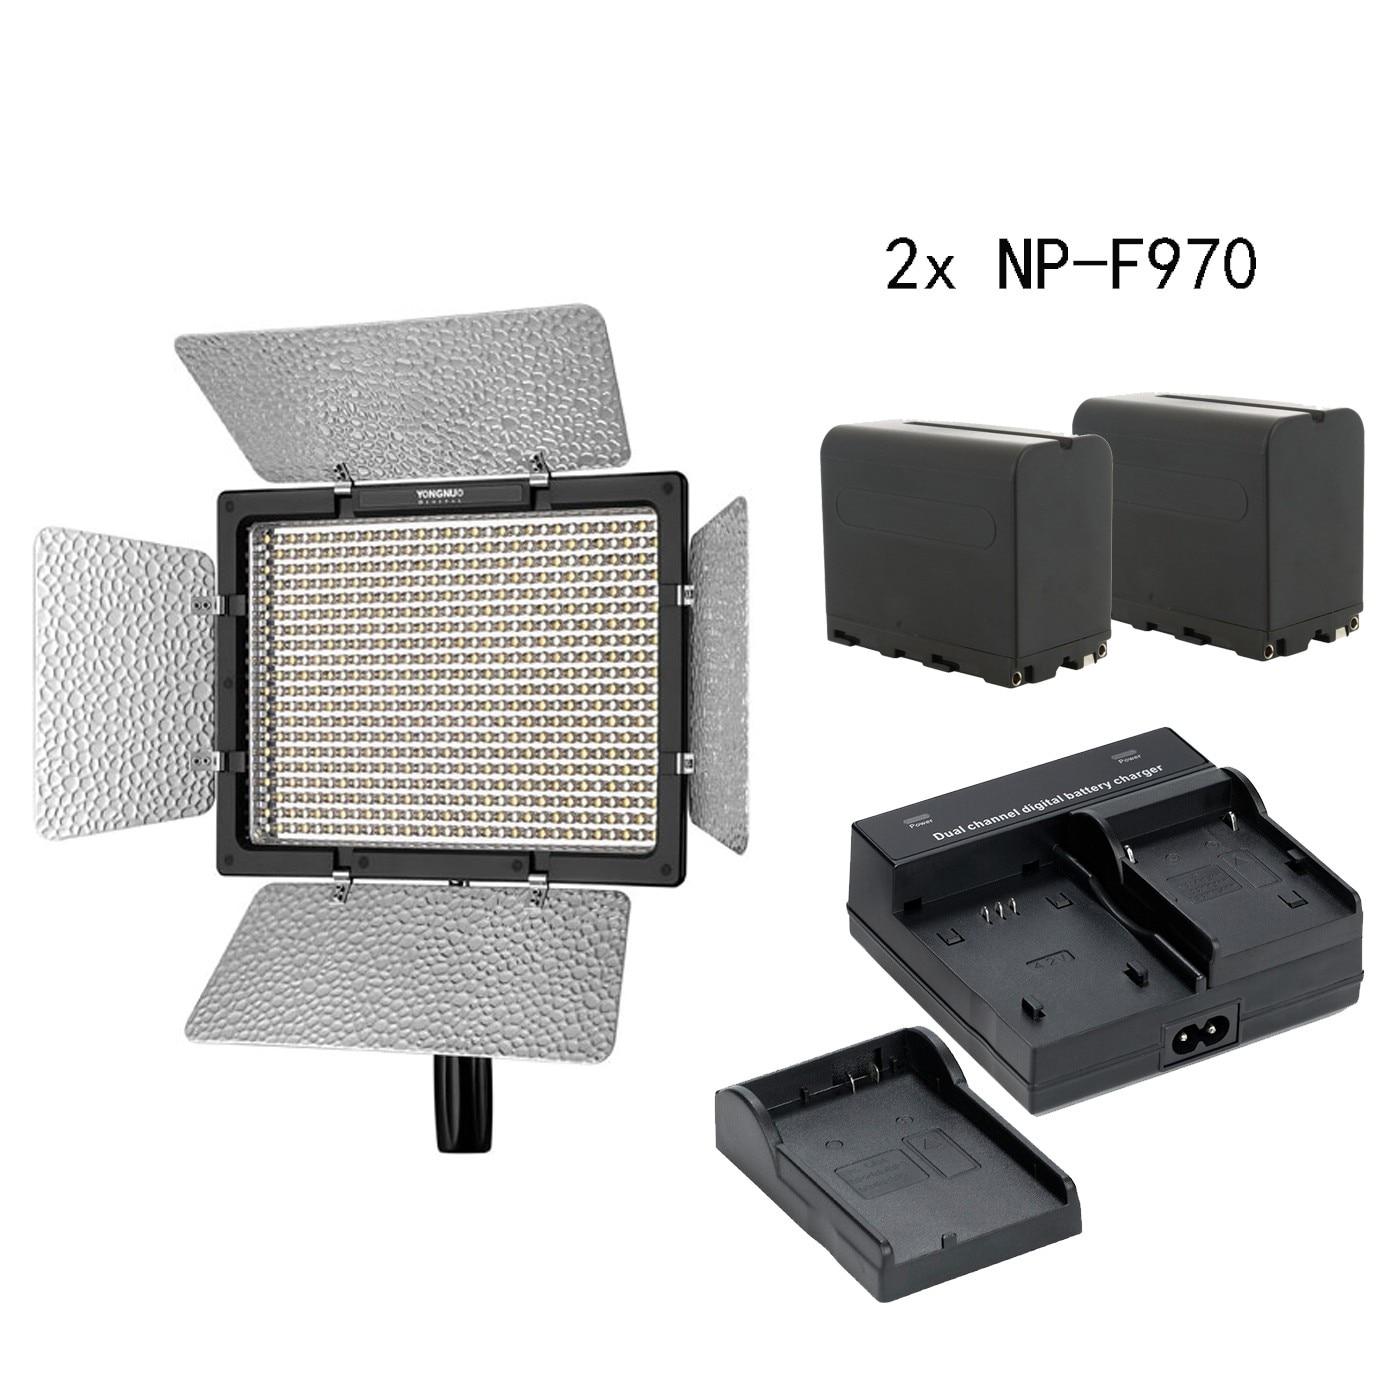 YONGNUO YN600L II YN 600 II CRI 95 светодиодная лапма для съемки видео пульт дистанционного управления и 2 * NP F970 аккумулятор и зарядное устройство